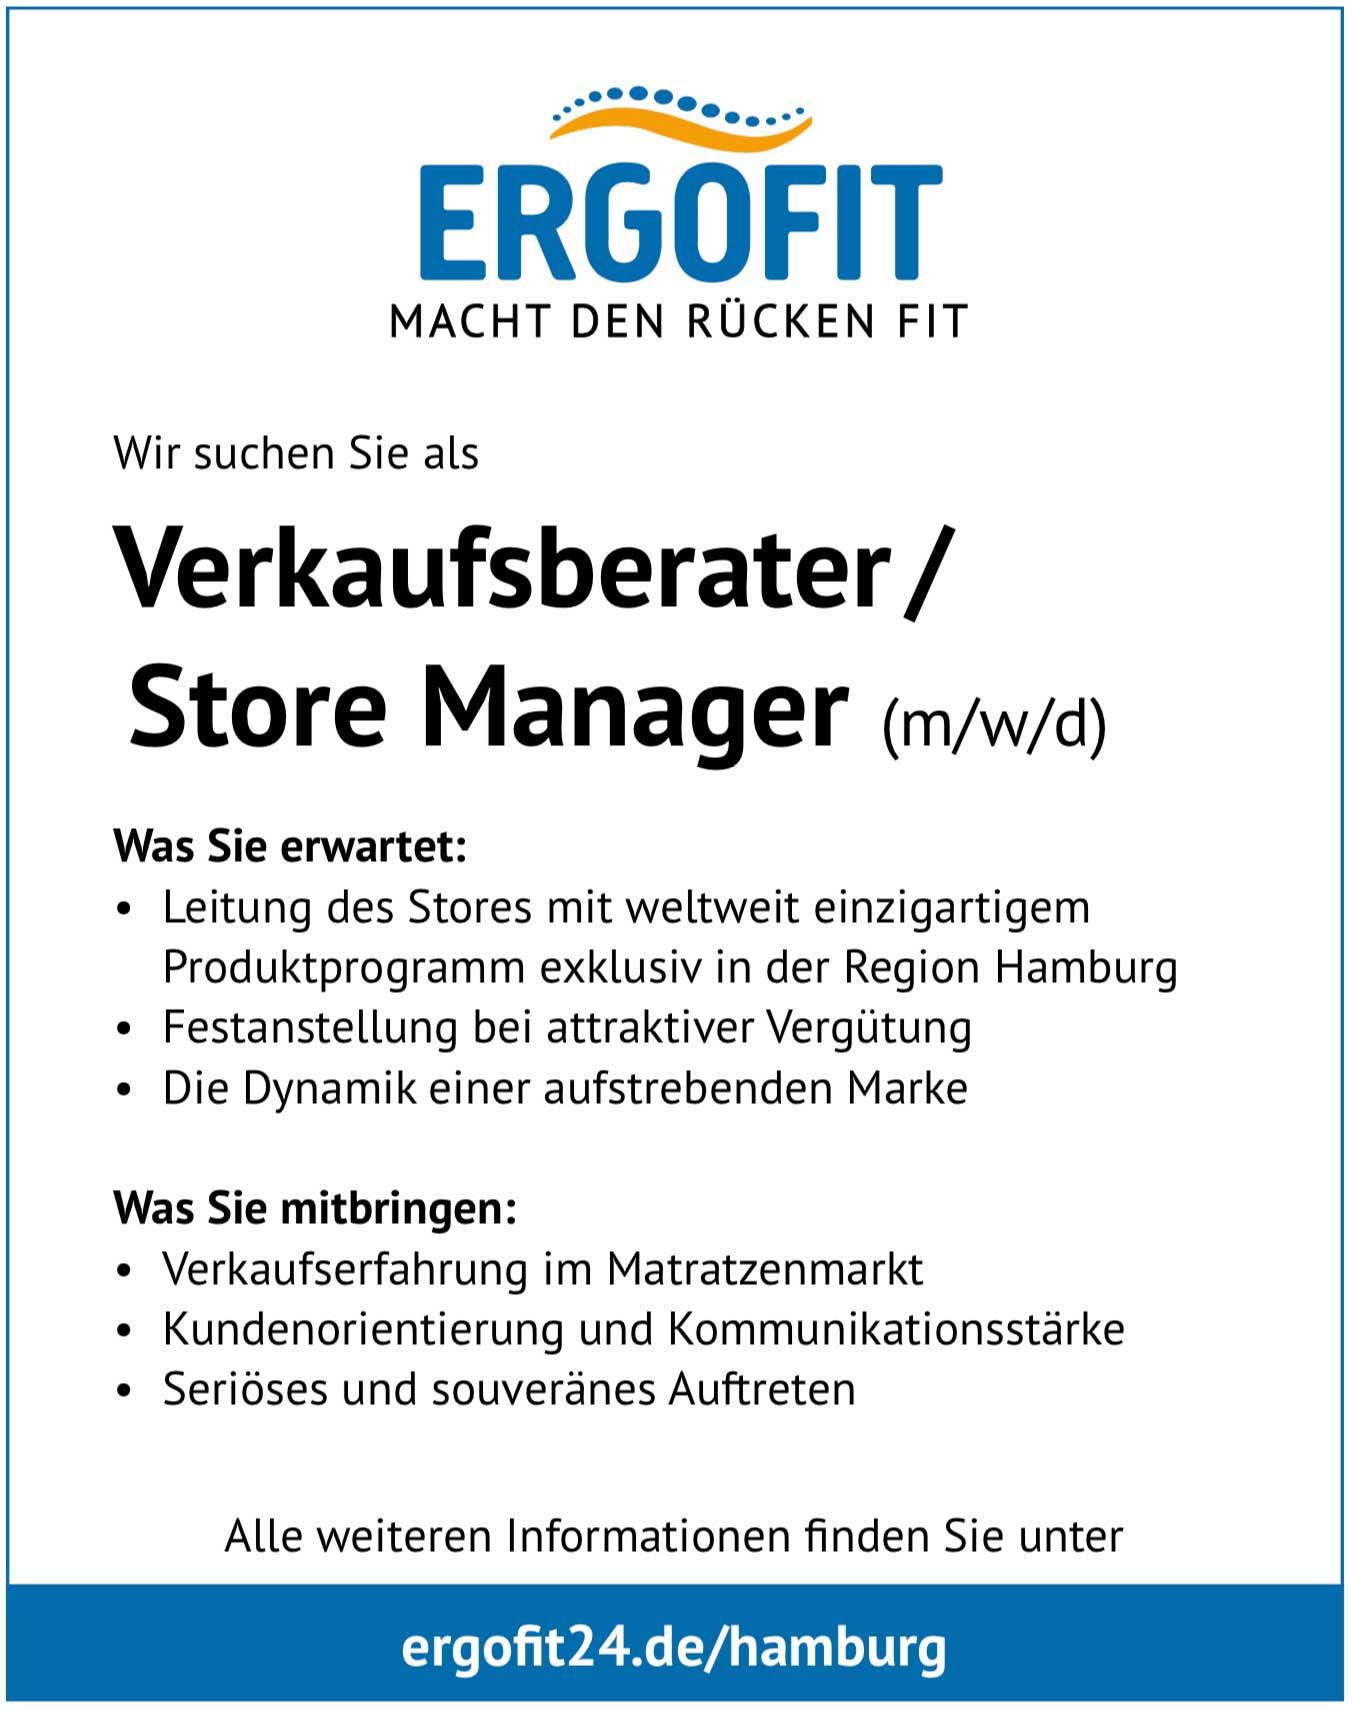 Verkaufsberater/Store Manager (m/w/d) für Schlafsysteme